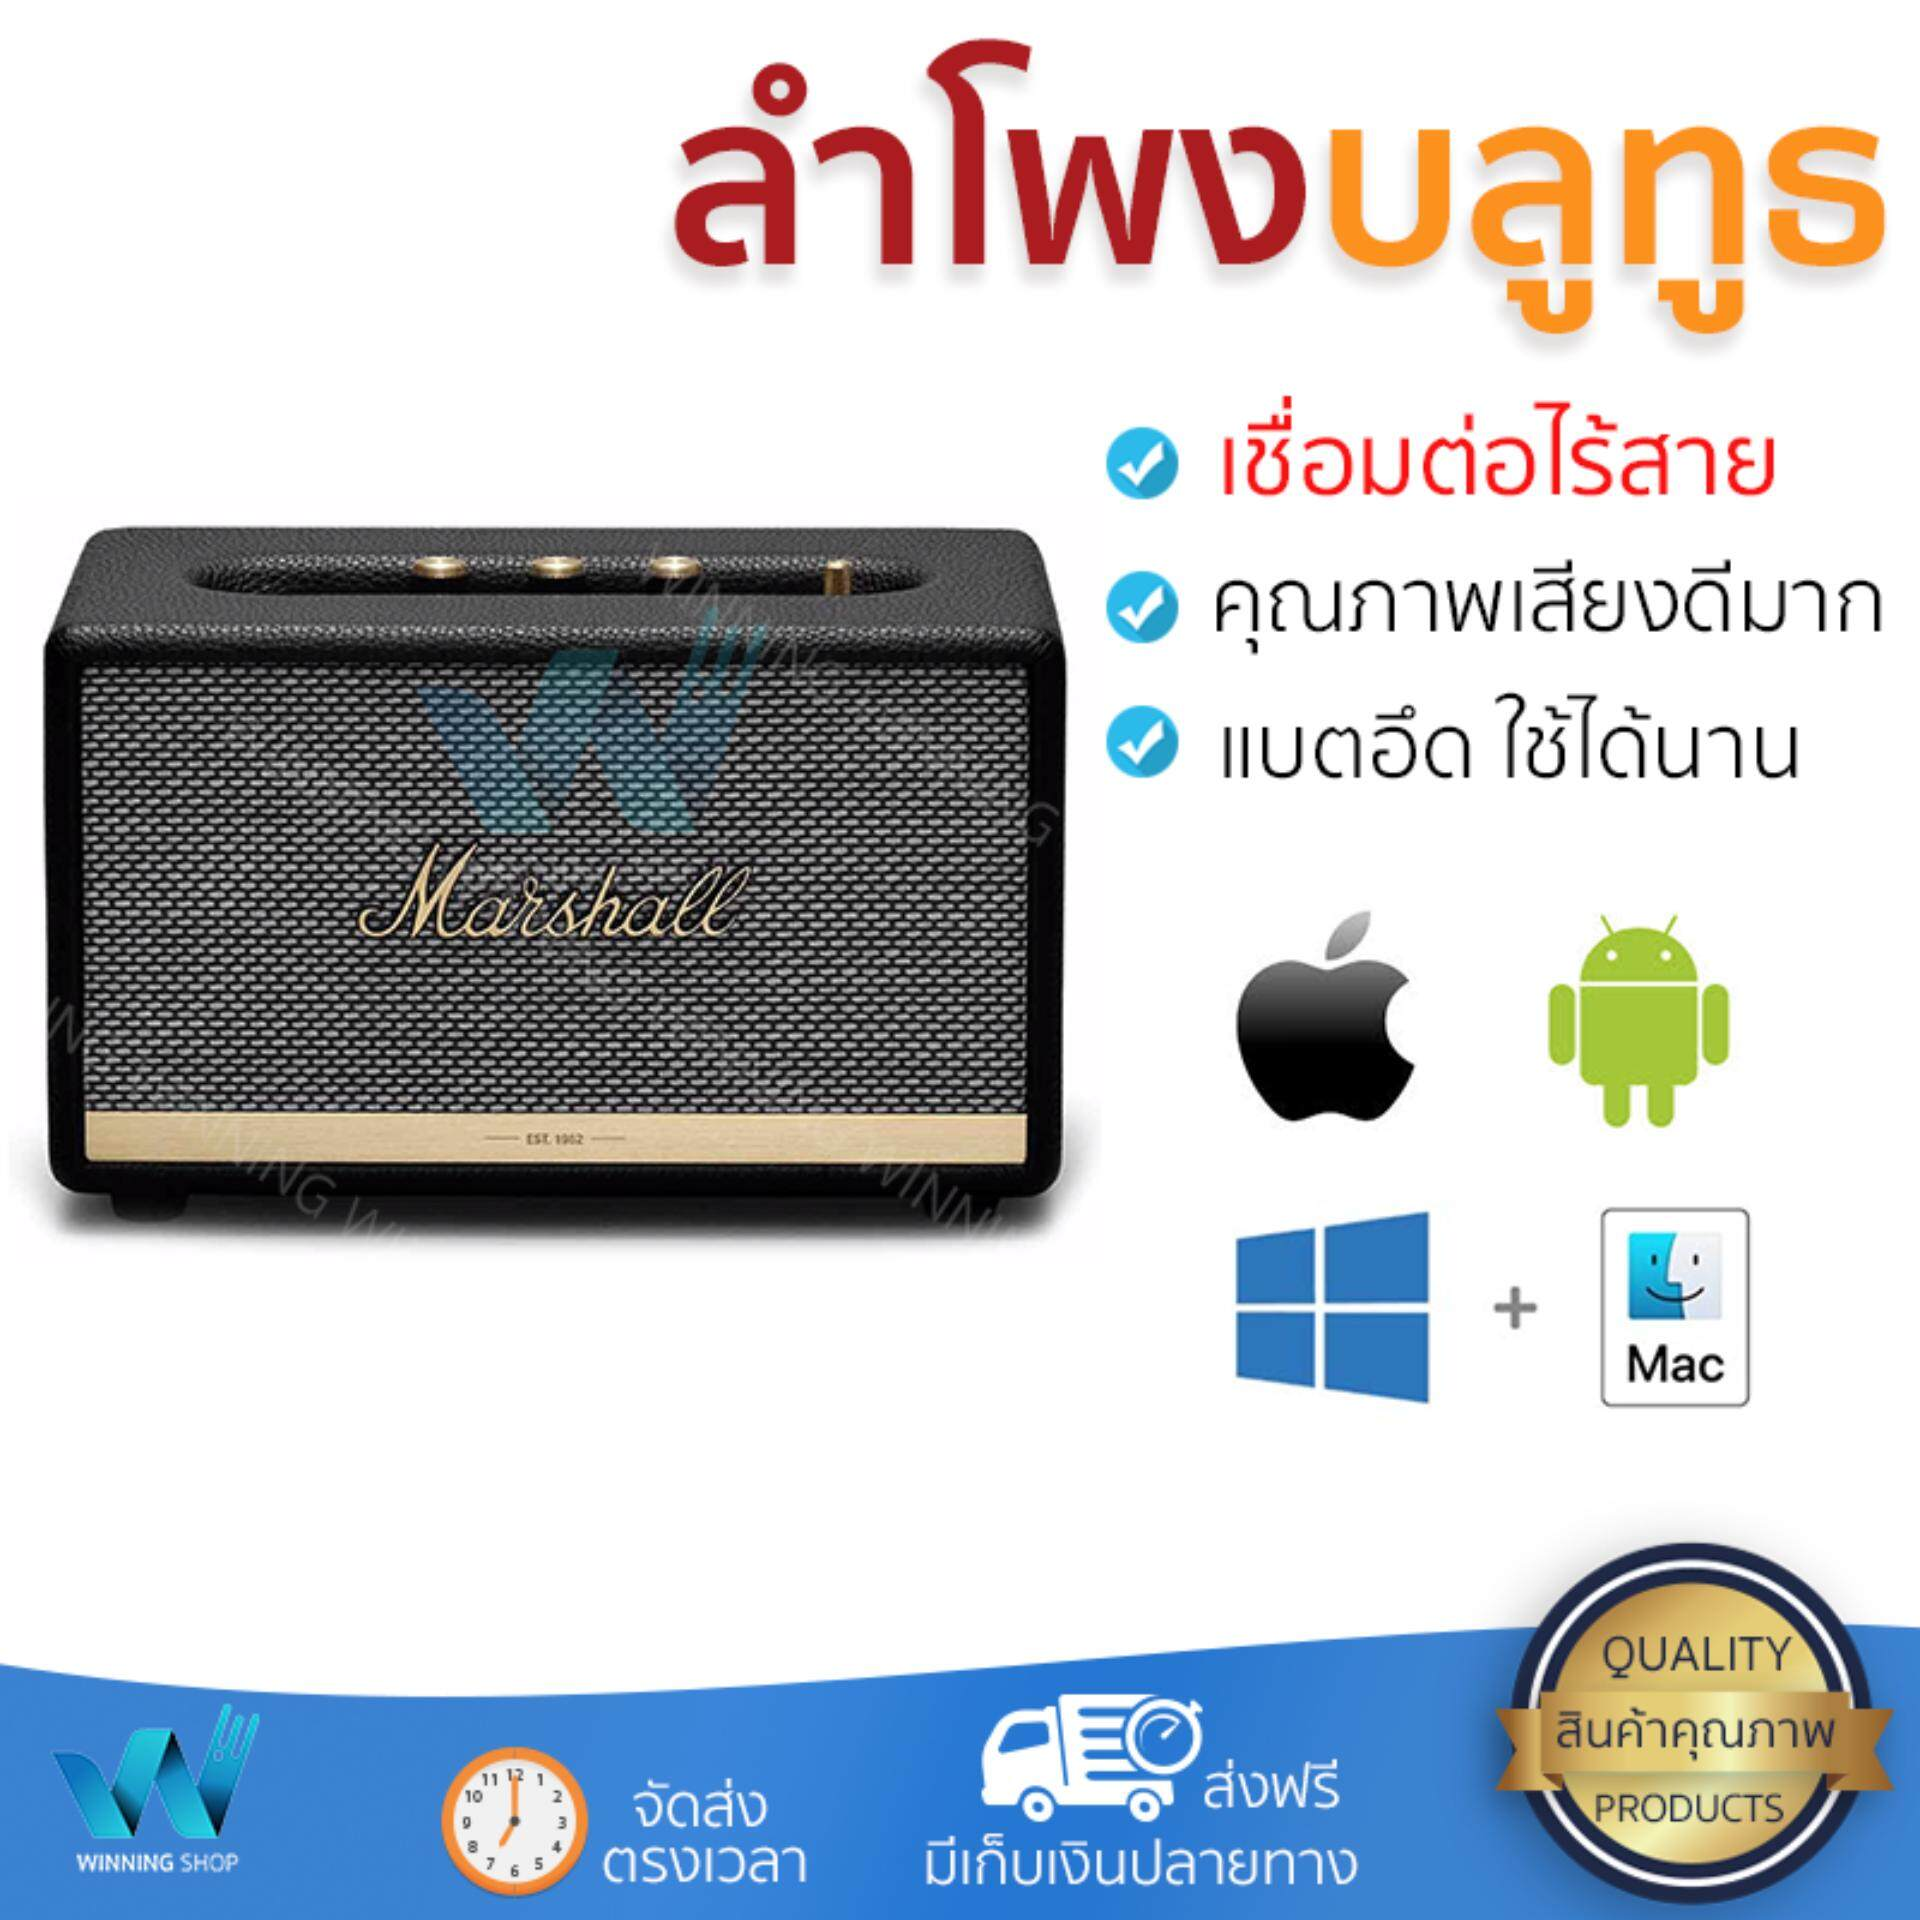 ยี่ห้อไหนดี  ลพบุรี จัดส่งฟรี ลำโพงบลูทูธ  Marshall Bluetooth Speaker 2.1 Acton II Bluetooth Black เสียงใส คุณภาพเกินตัว Wireless Bluetooth Speaker รับประกัน 1 ปี